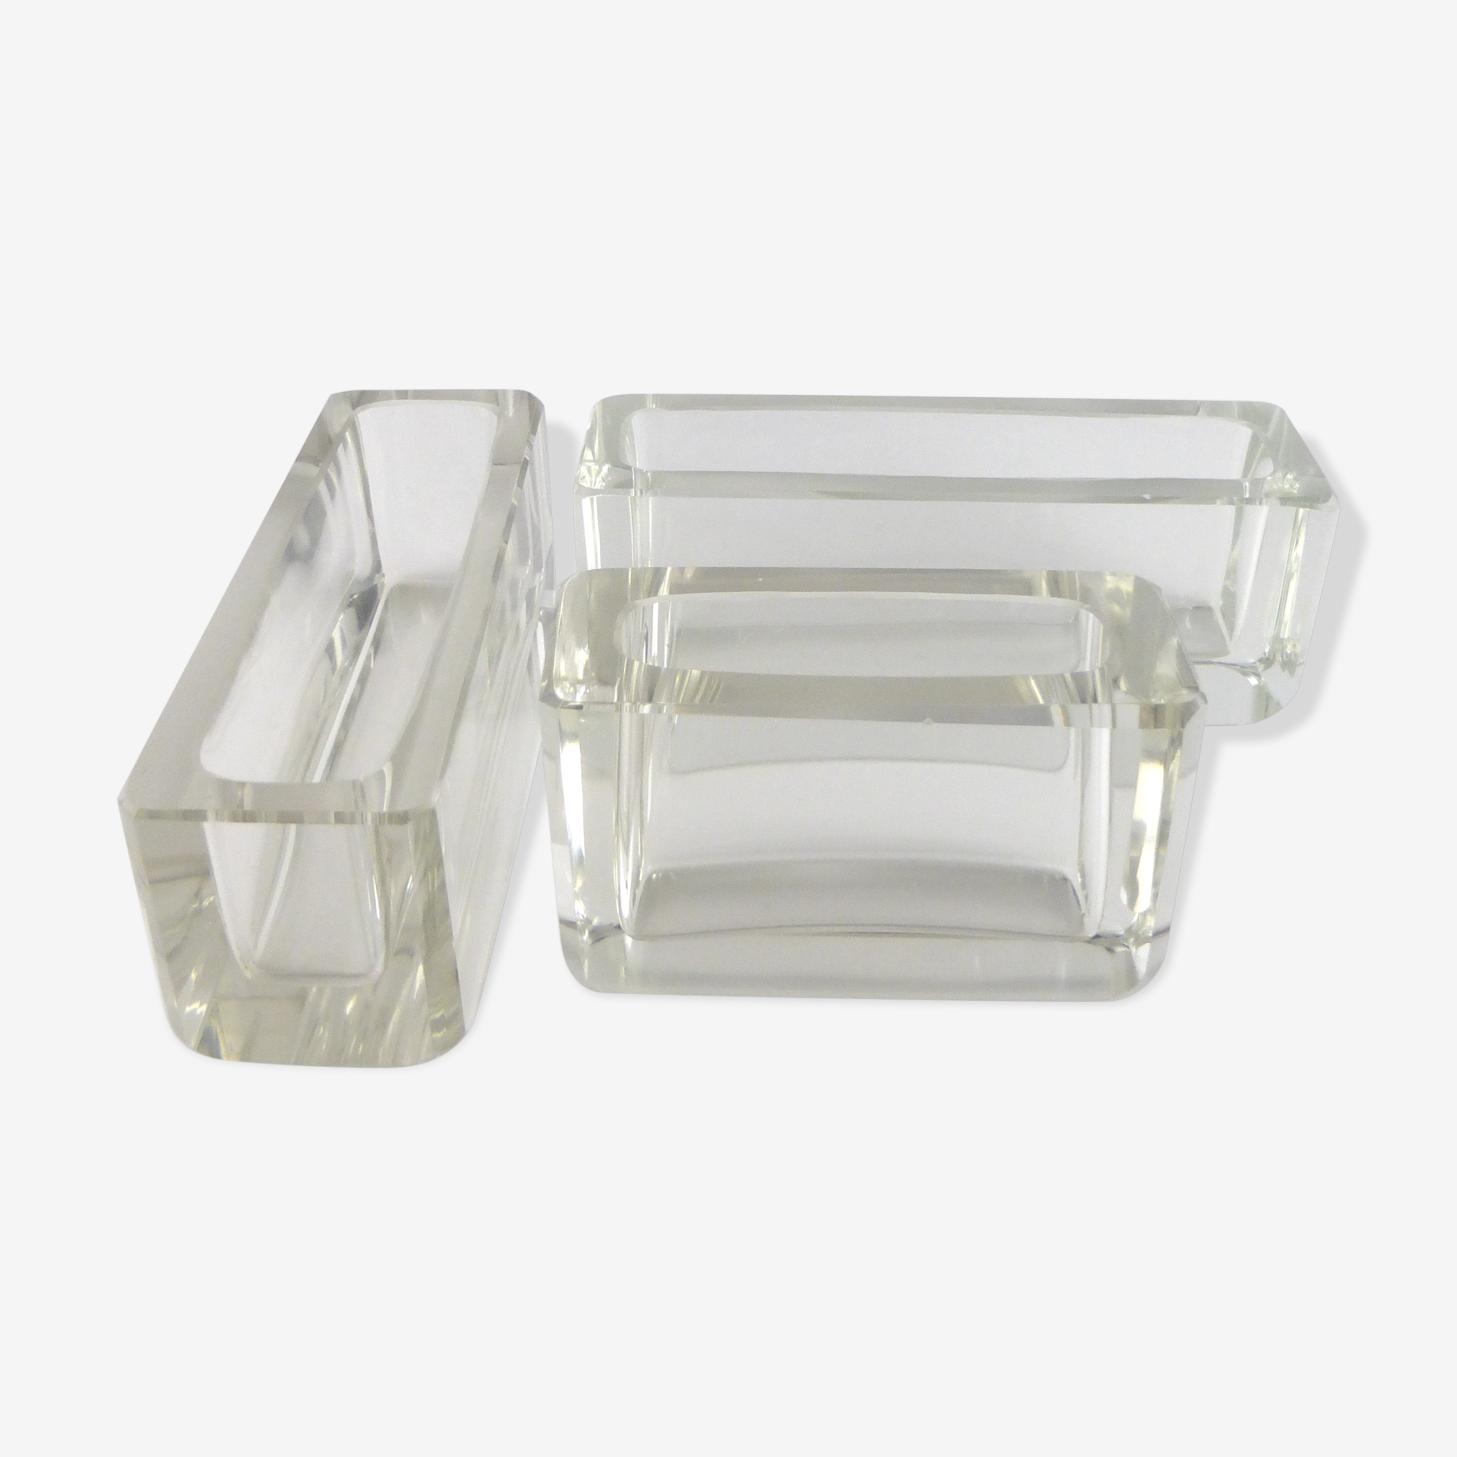 Suite de 3 vase 'centre-de-table' en cristal